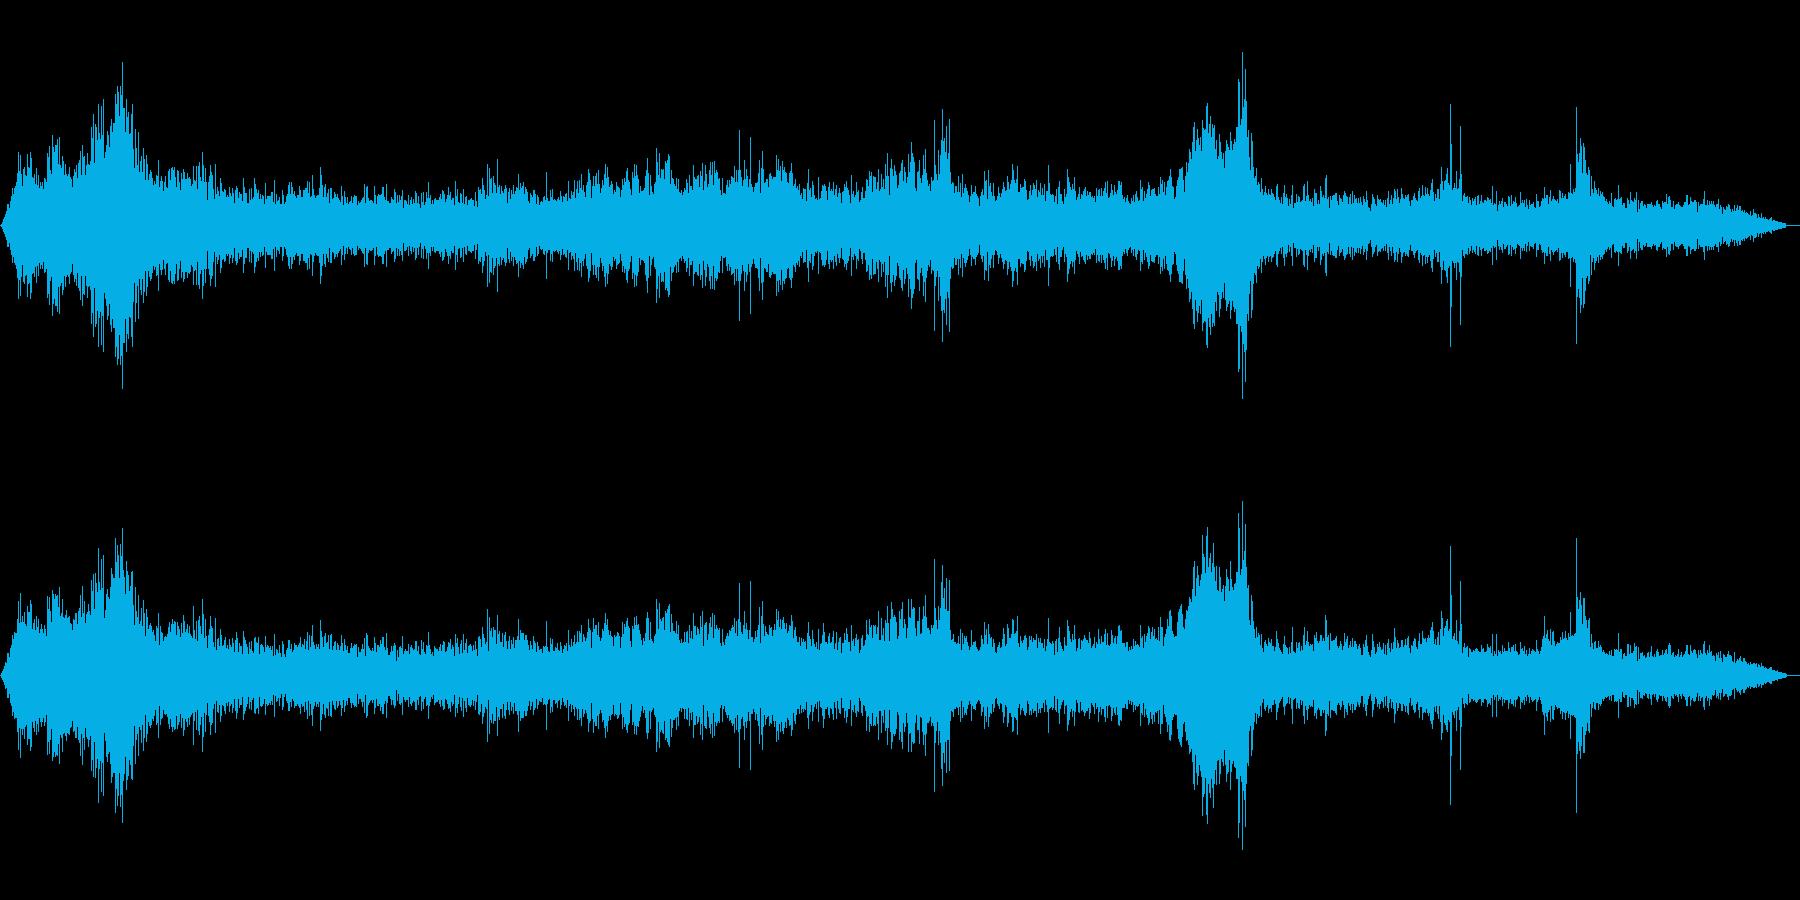 町の環境音の再生済みの波形